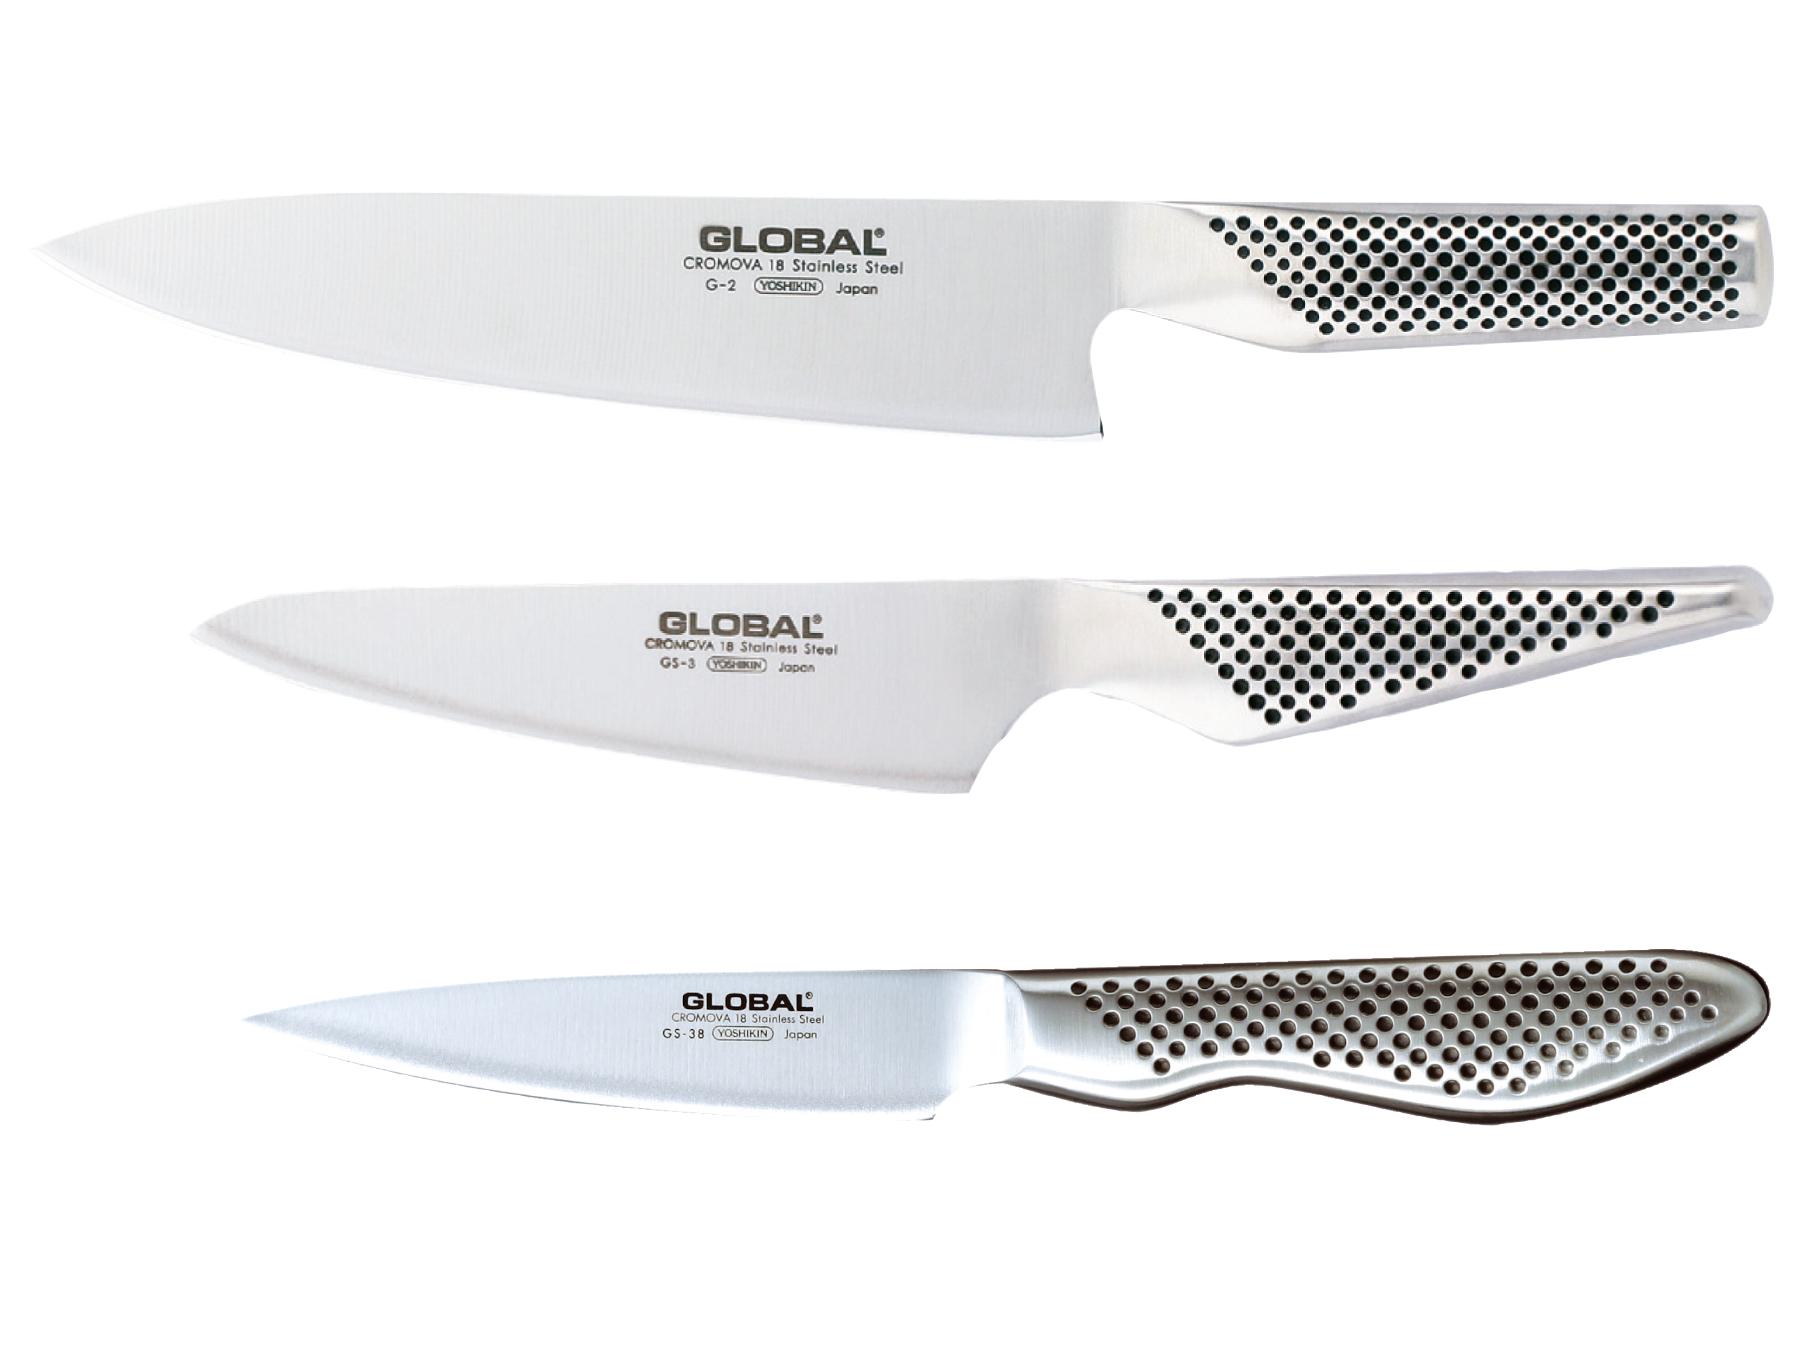 Global G-2338 Messerset 3 teilig, G-2, GS-3 und GS-38